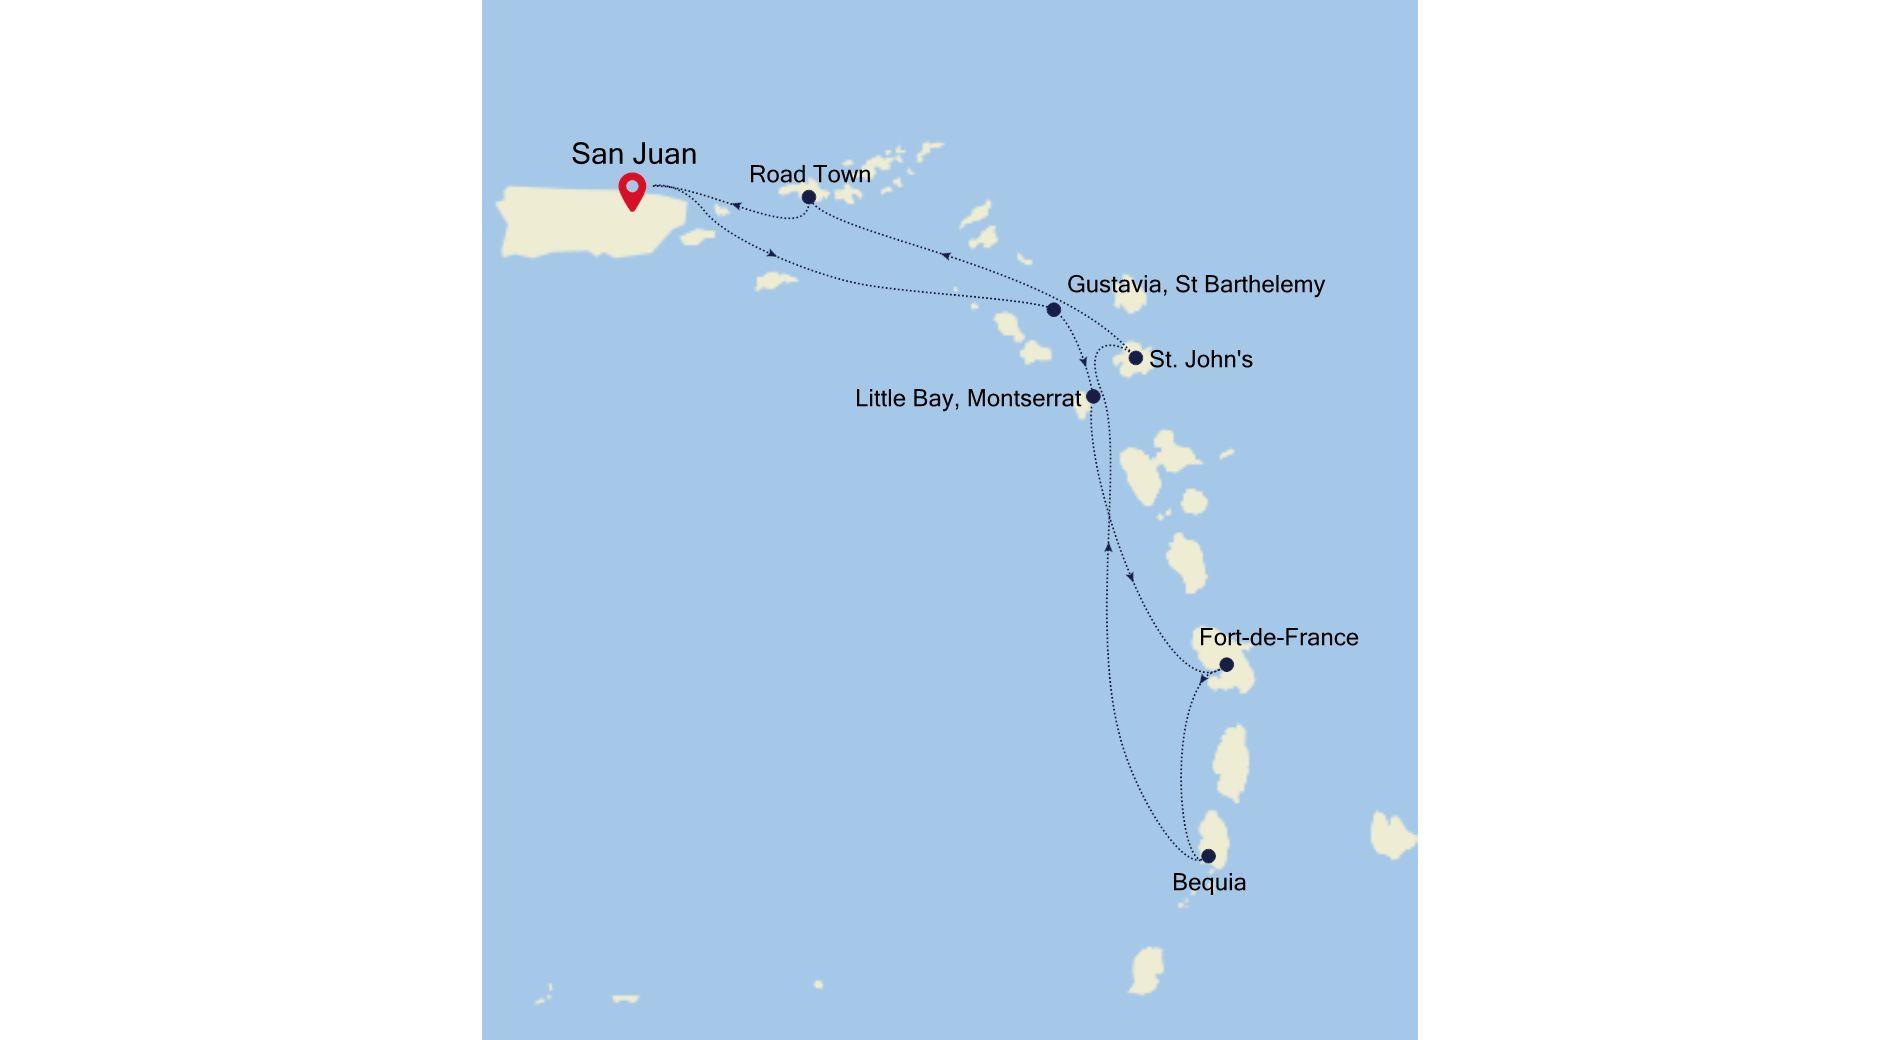 SS210215007 - San Juan a San Juan